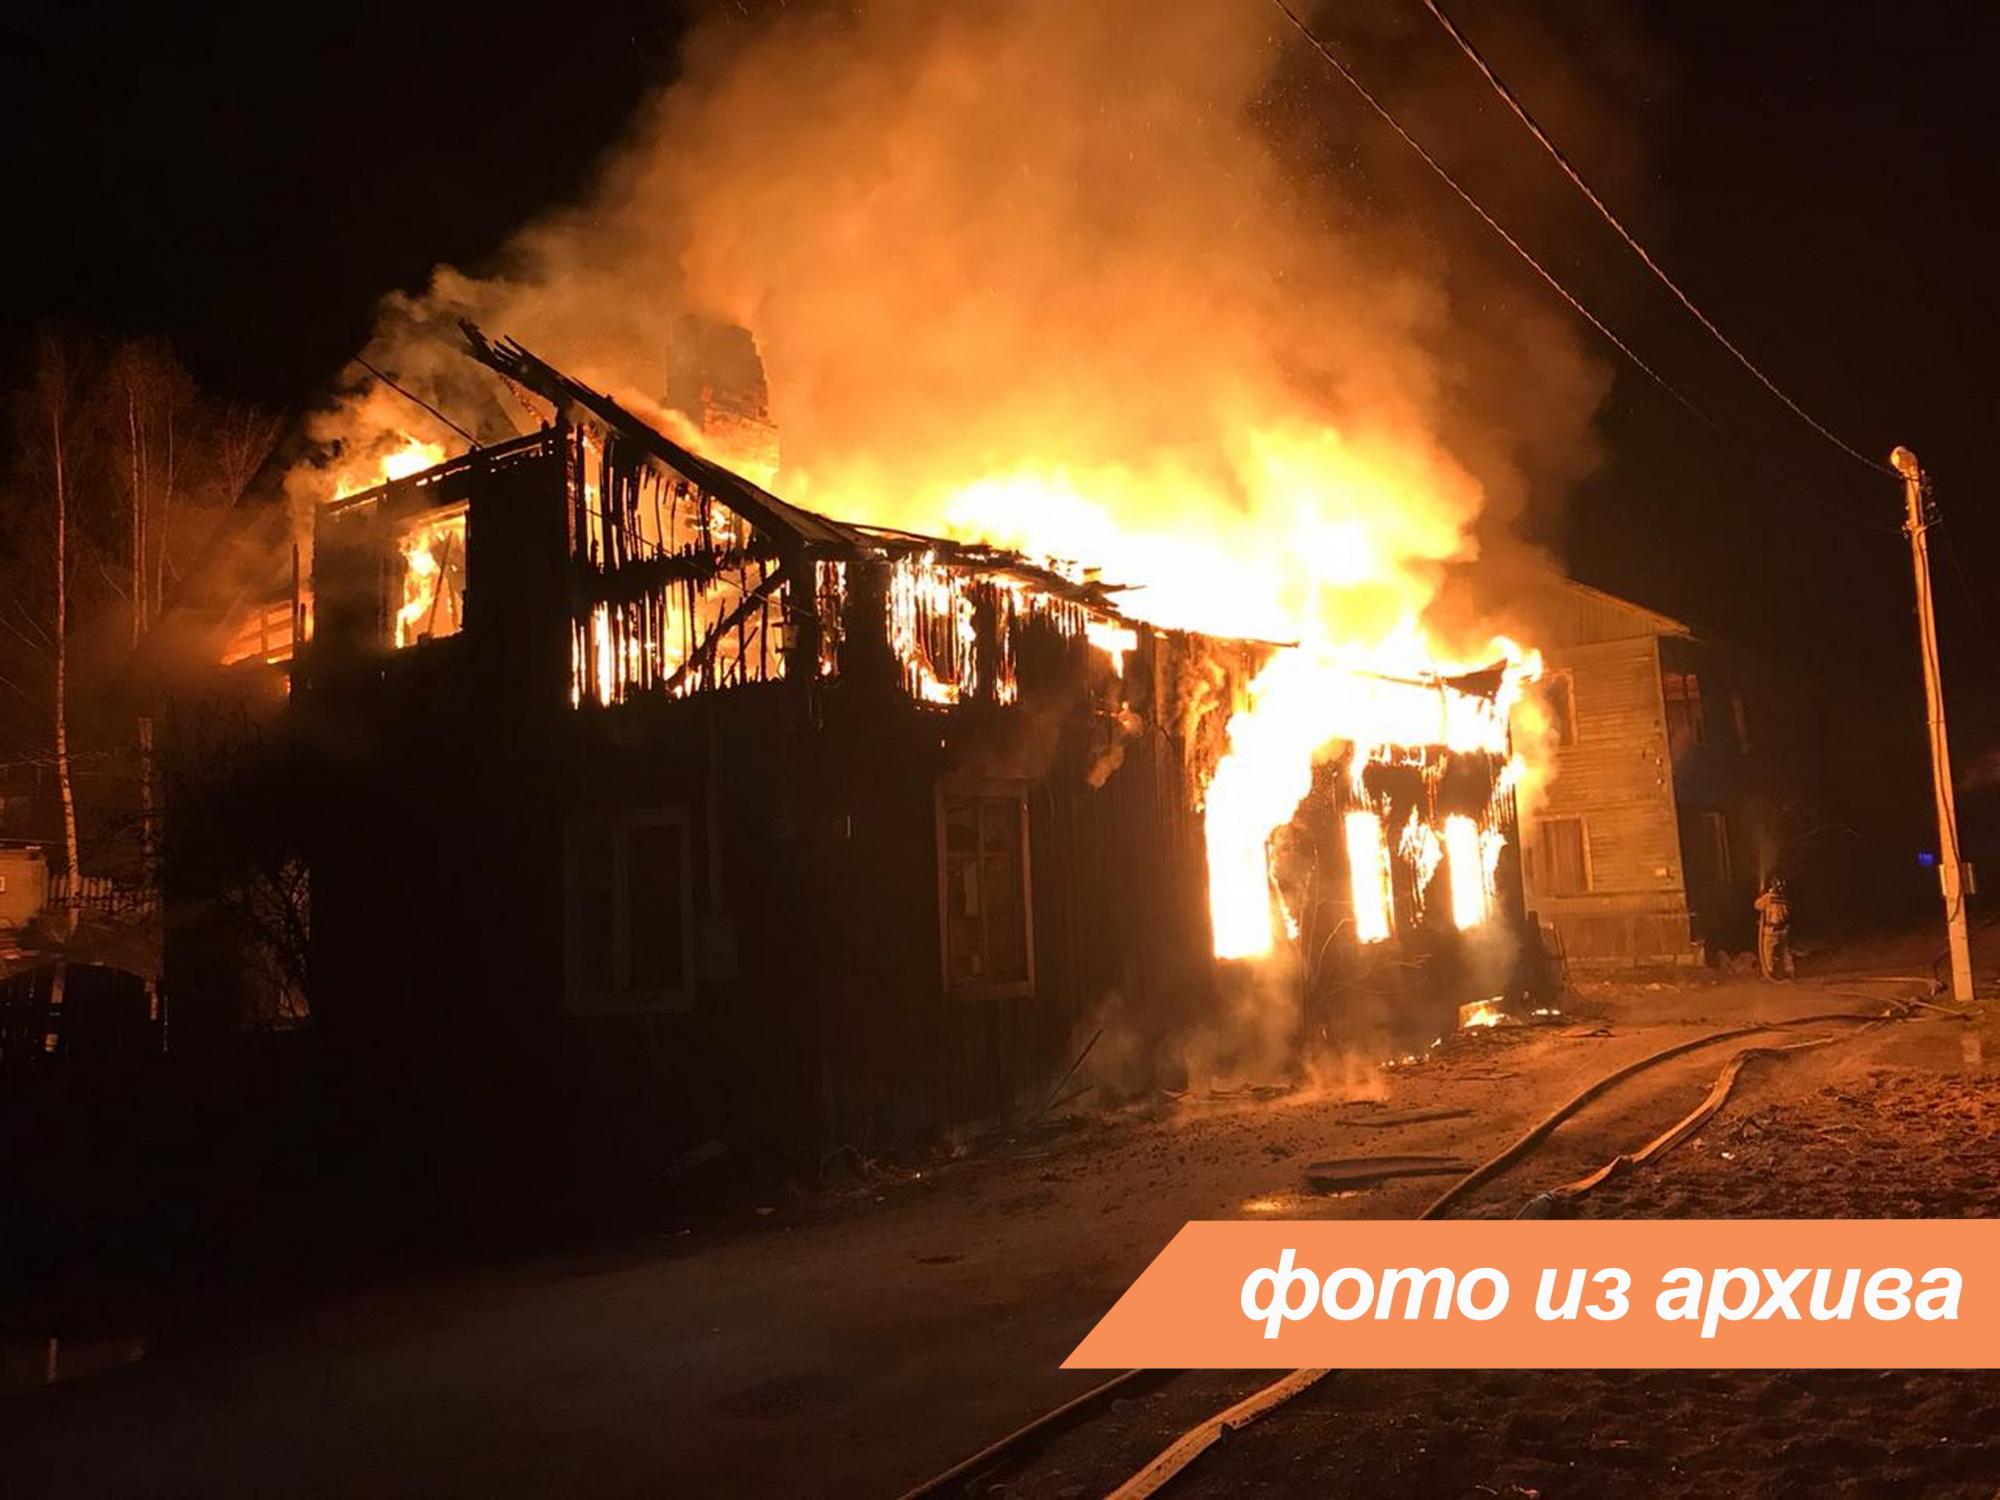 Пожарно-спасательные подразделения Ленинградской области ликвидировали пожар в Лужском районе